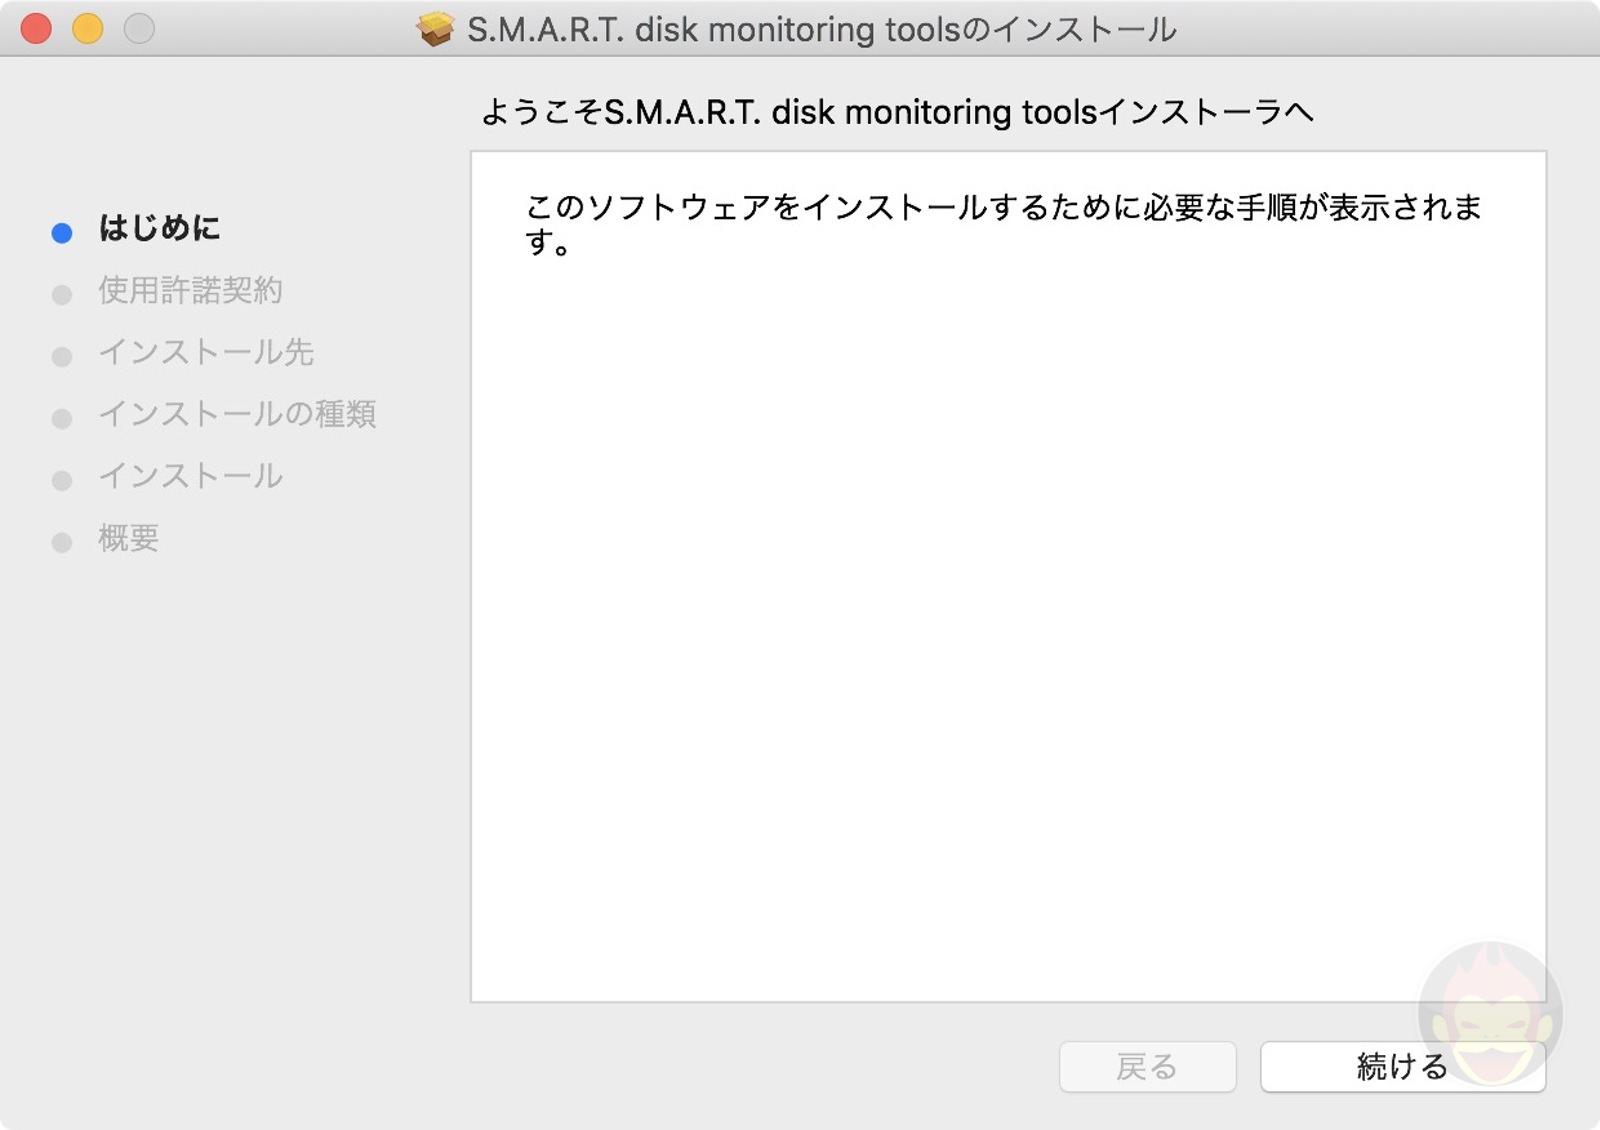 SMART SSD information for 16mbp2019 02